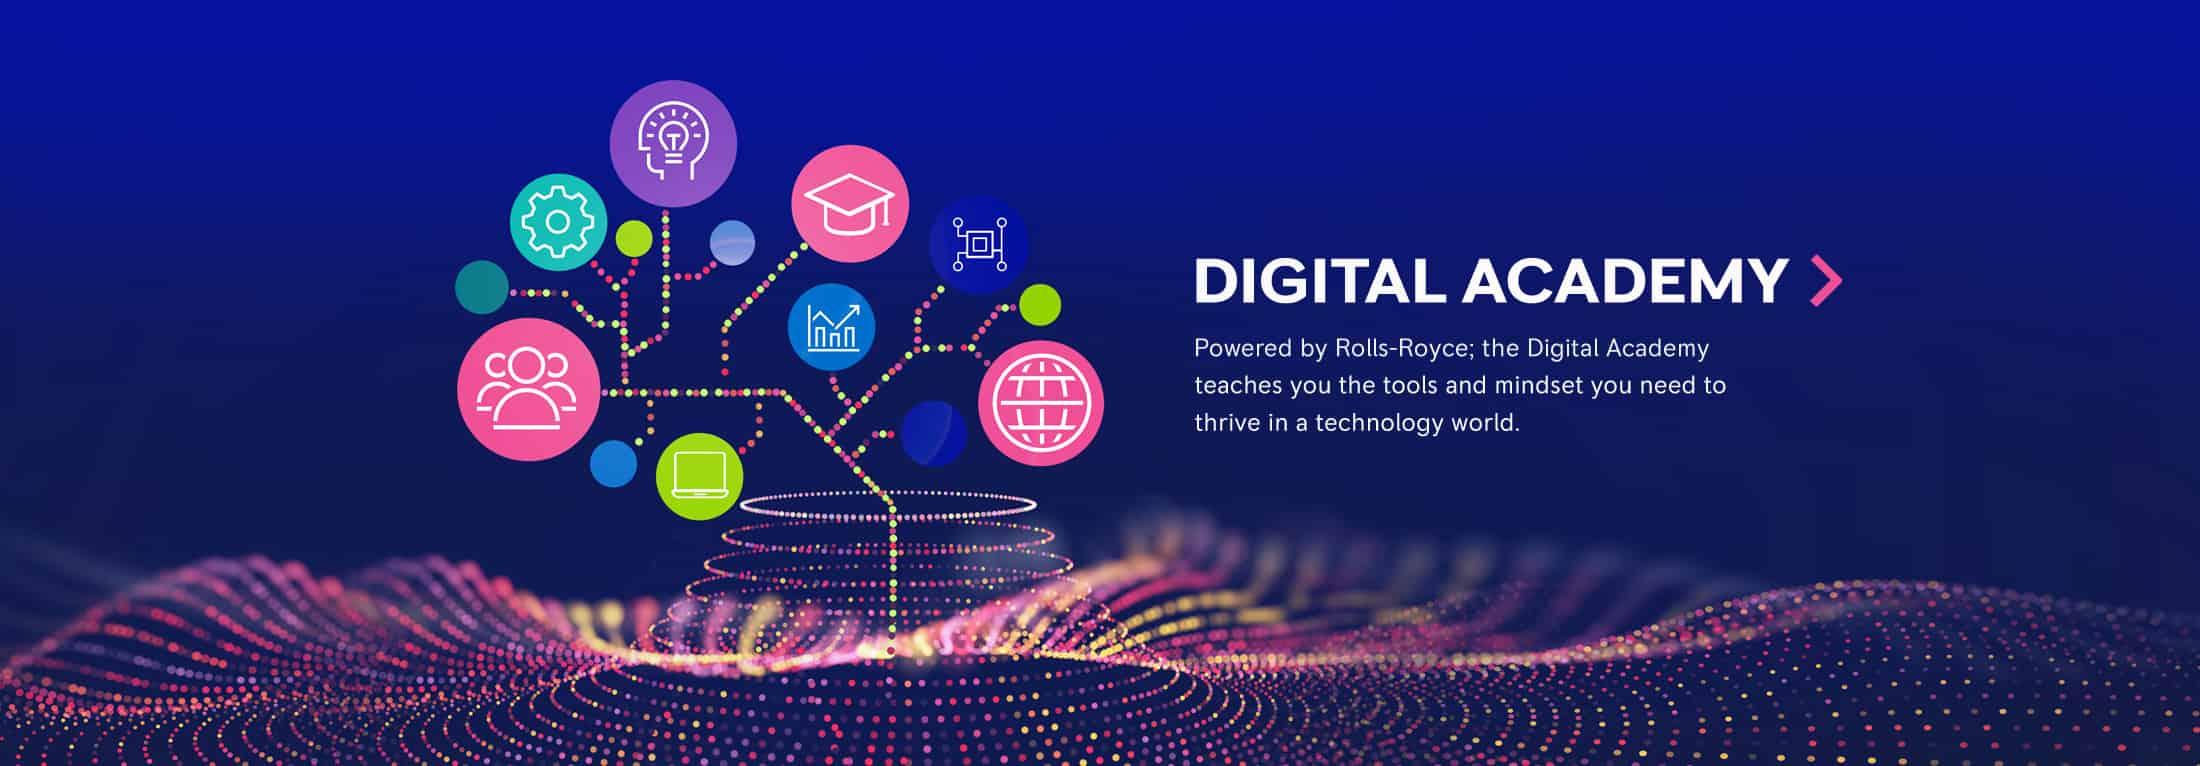 Rolls-Royce'tan Ücretsiz Eğitim Programı Dijital Akademi